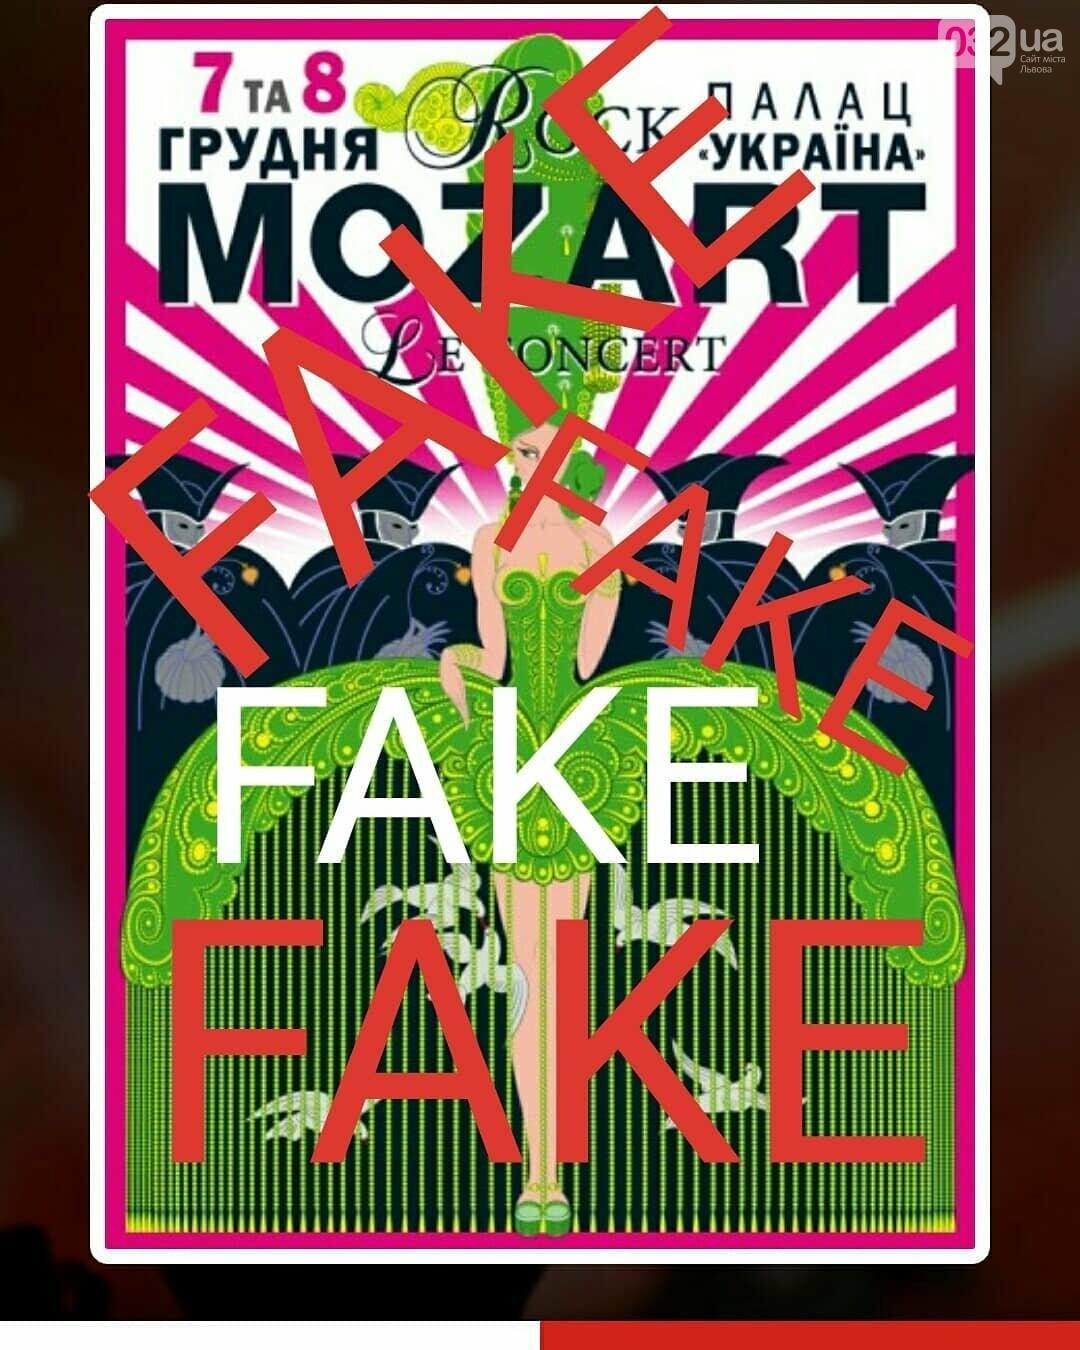 """У Львівській Опері покажуть українську копію рок-опери """"Моцарт"""", учасників якої підозрюють у плагіаті, фото-11"""